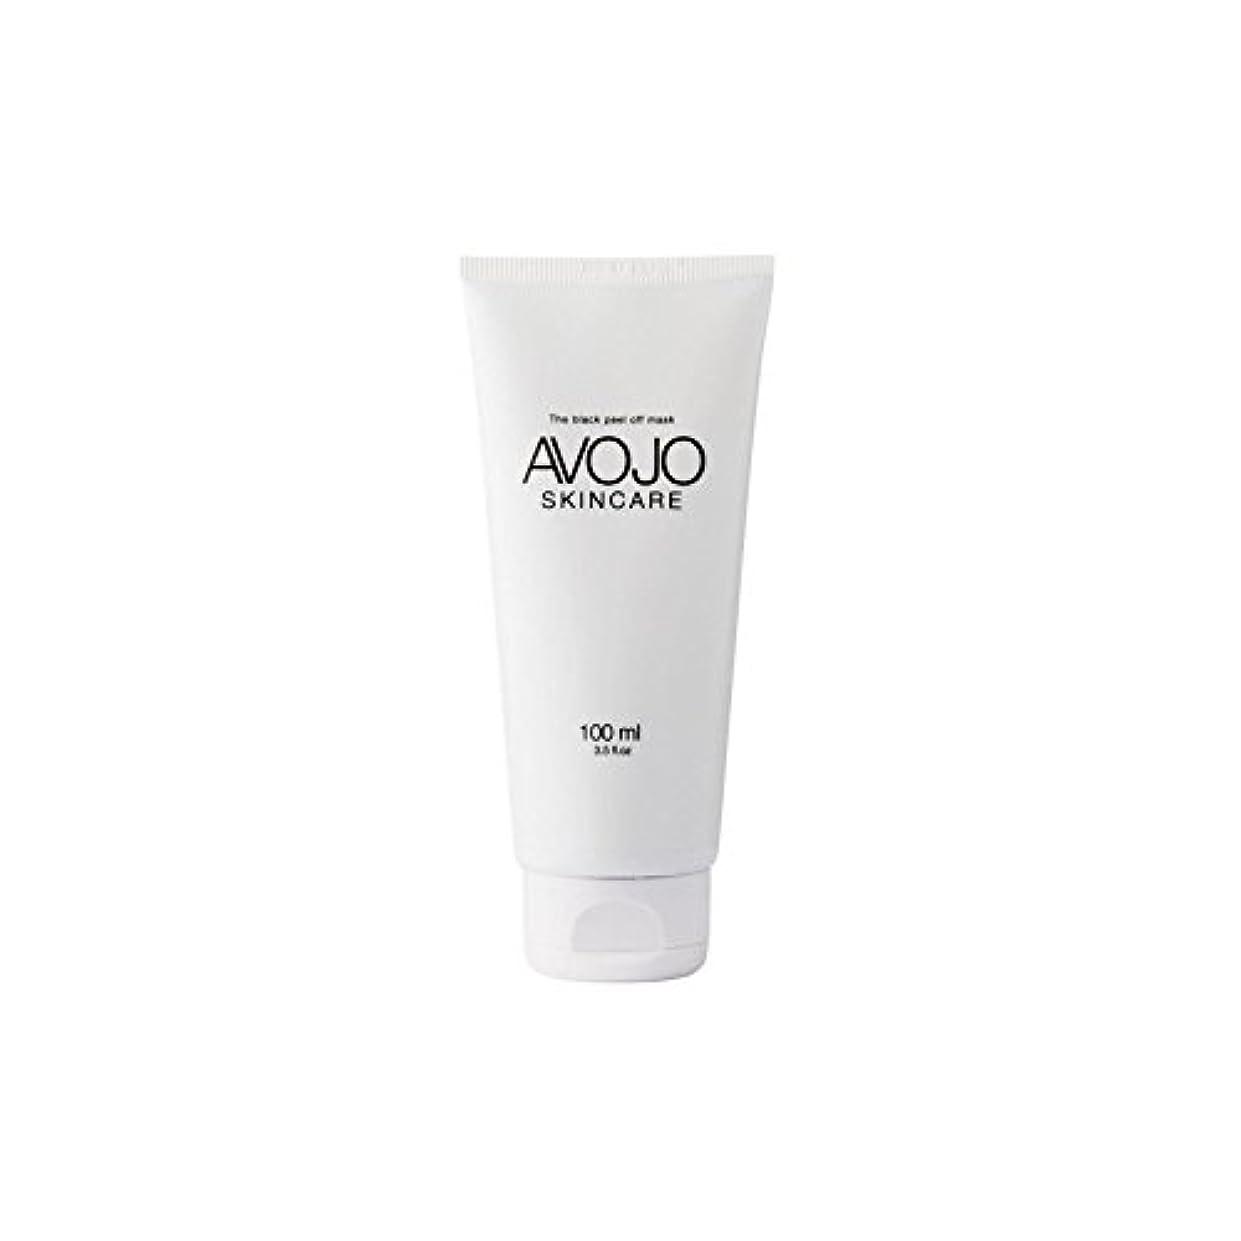 気づかない内側悪意のあるAvojo - The Black Peel Off Mask - (Bottle 100ml) (Pack of 6) - - 黒皮オフマスク - (ボトル100ミリリットル) x6 [並行輸入品]